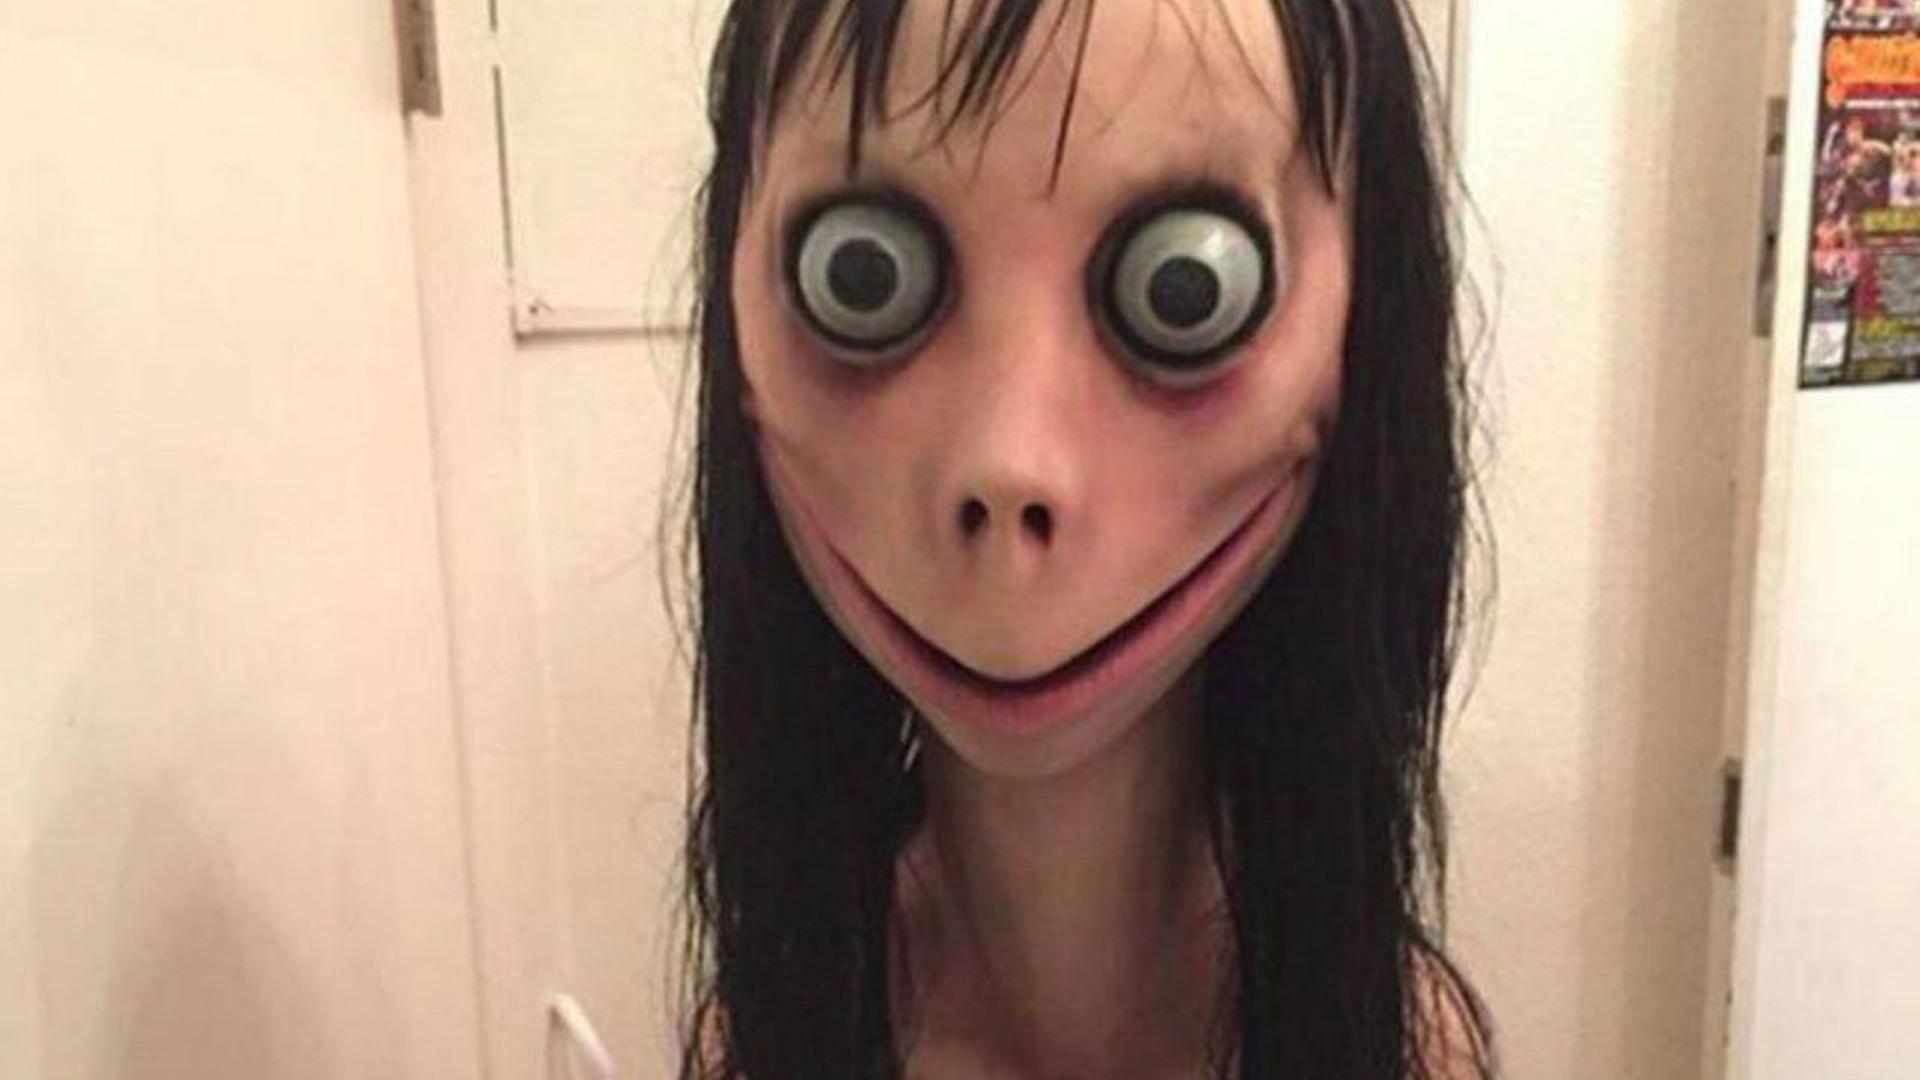 horror-flick-getaway-based-on-momo-challenge-gets-cast-and-director-social.jpg